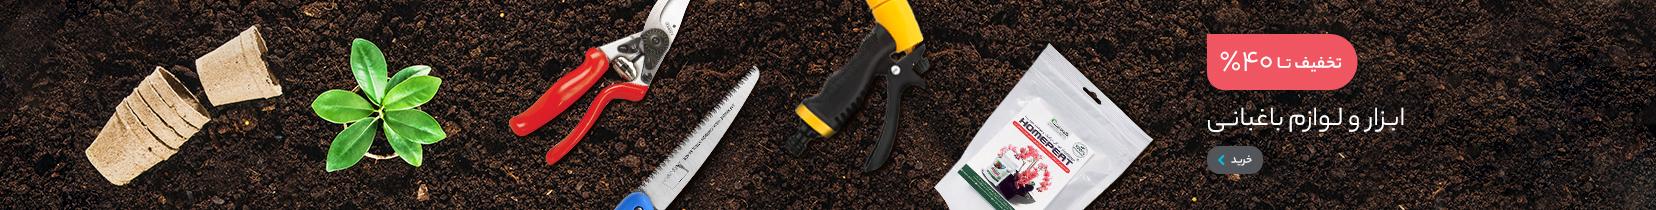 ابزار و لوازم باغبانی